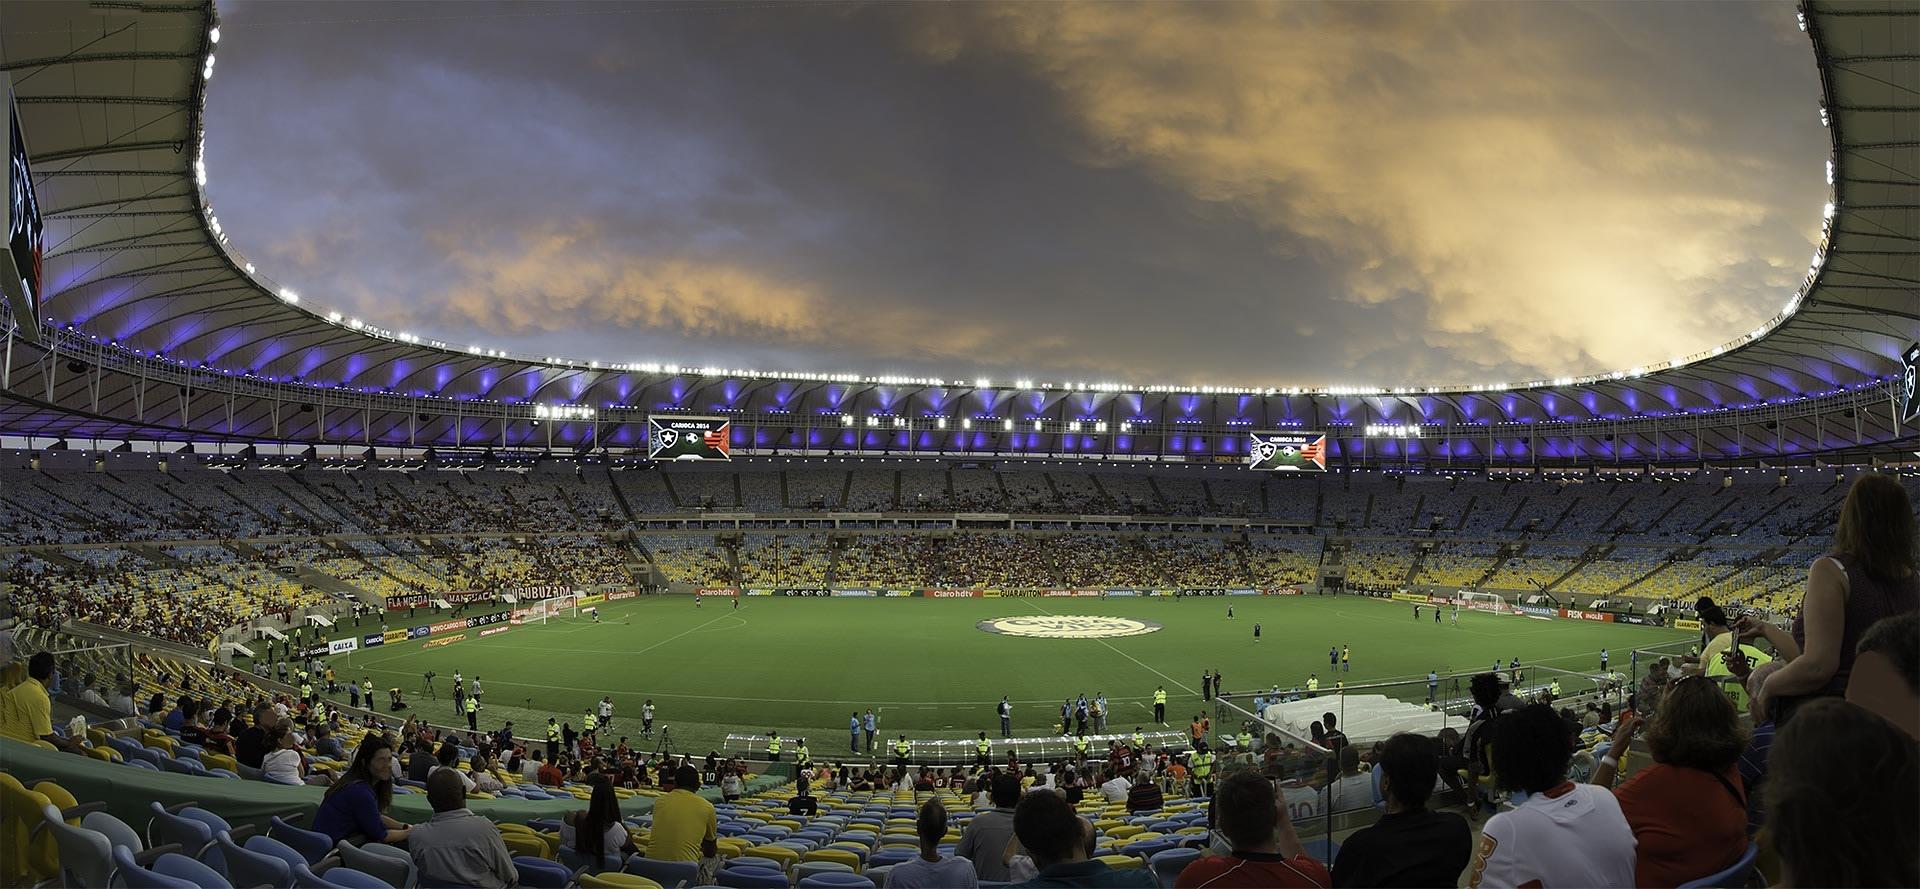 The Estadio Mario Filho